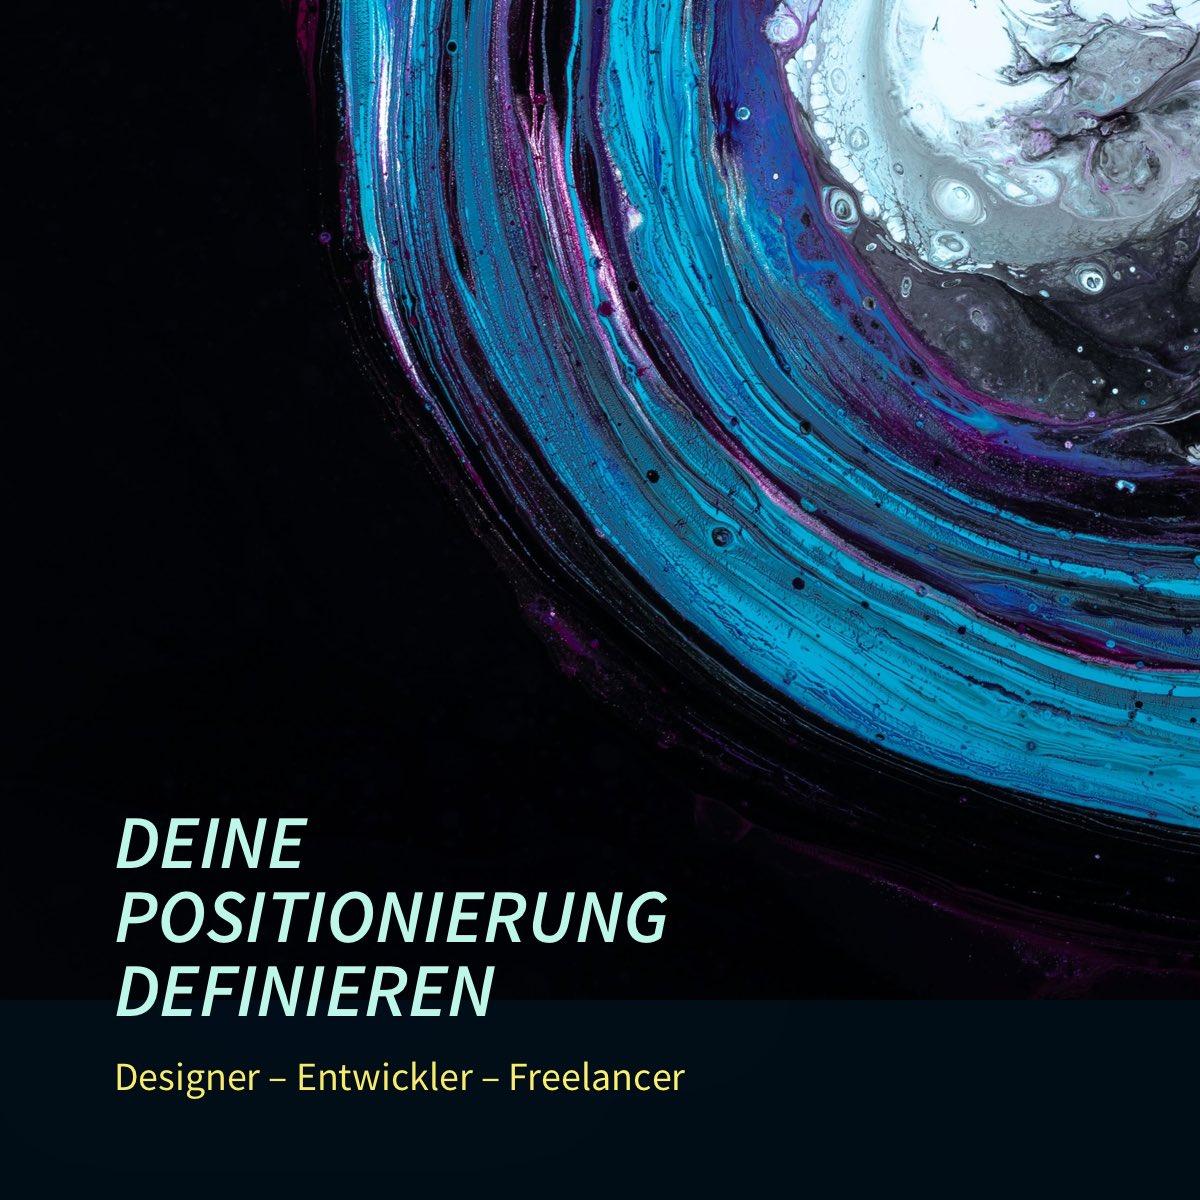 Deine Positionierung definieren (Kreativbranche)